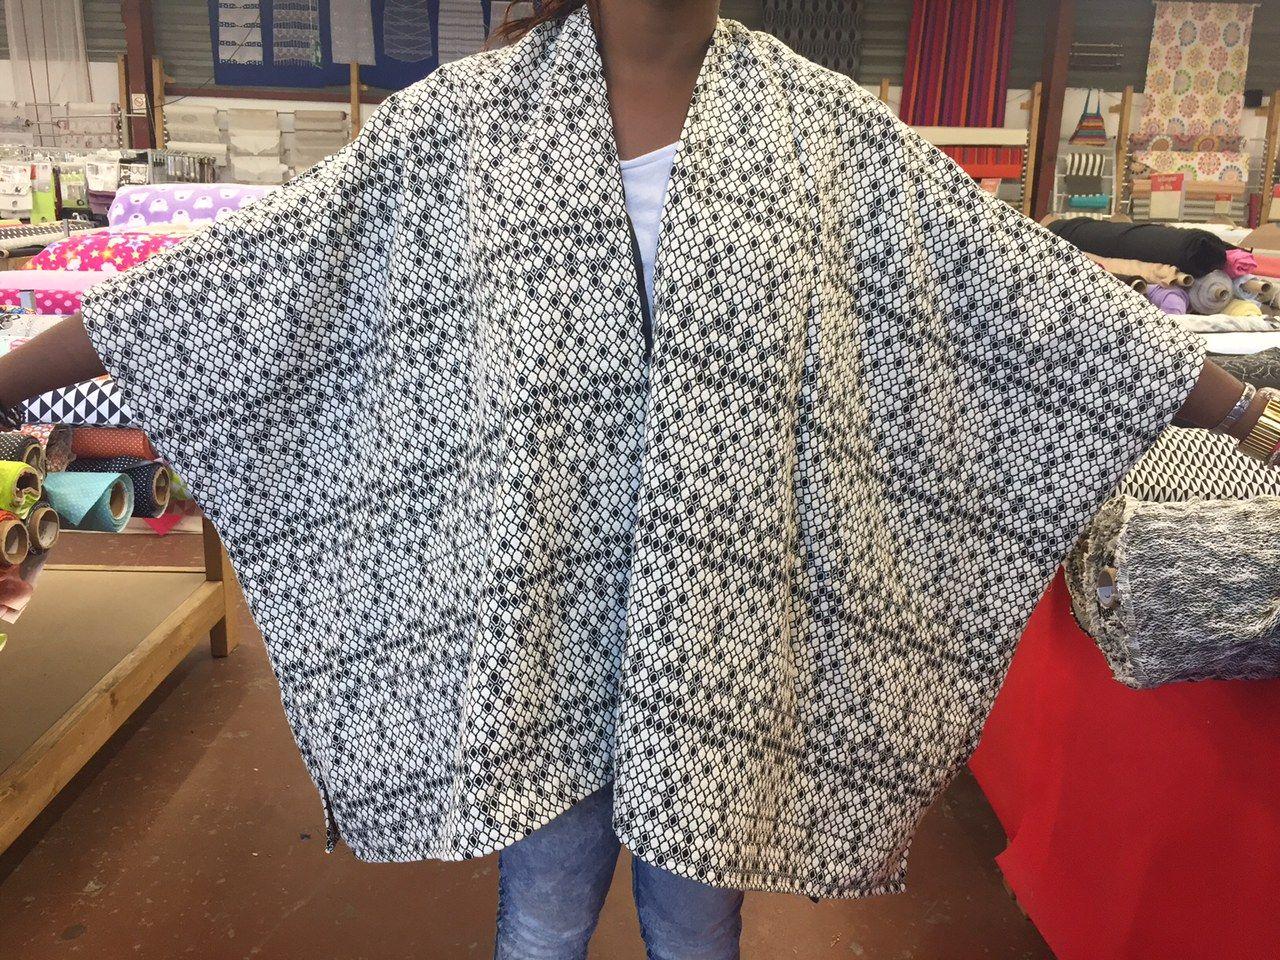 Extrem Poncho Kimono | Ponchos and Crochet DH48